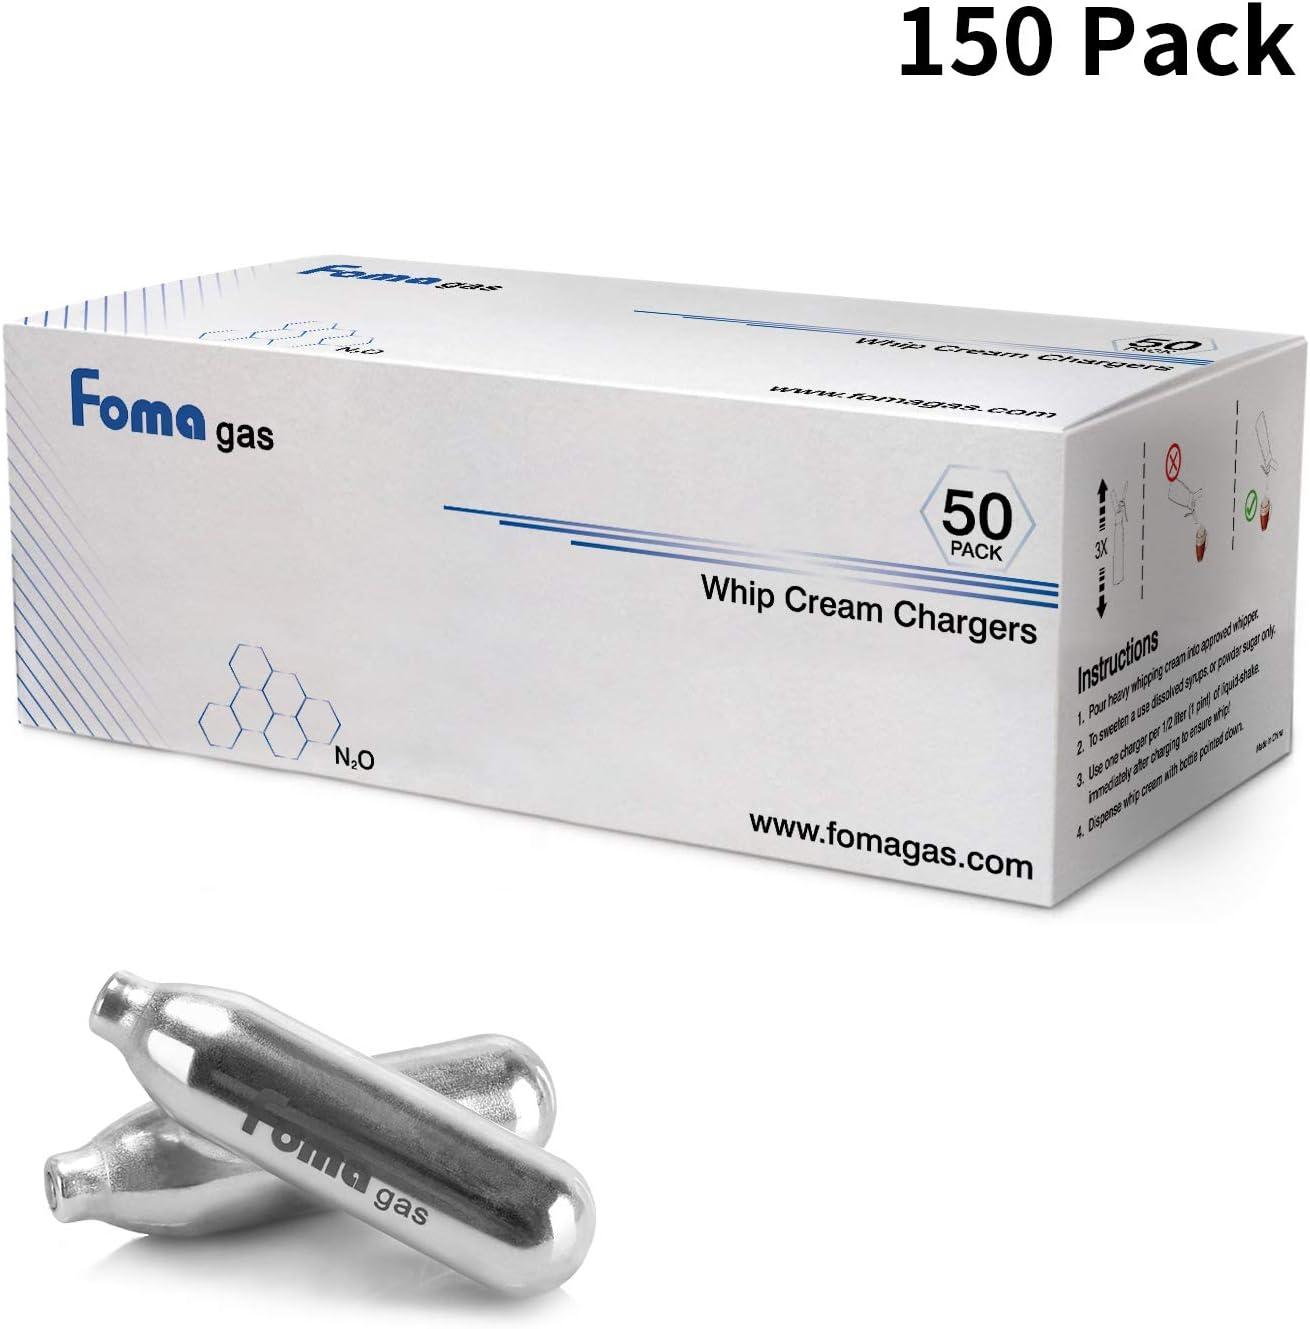 150 Packs for Whipped Cream Dispenser FOMAGAS Professional Whipped Cream Chargers N2O Cream Chargers